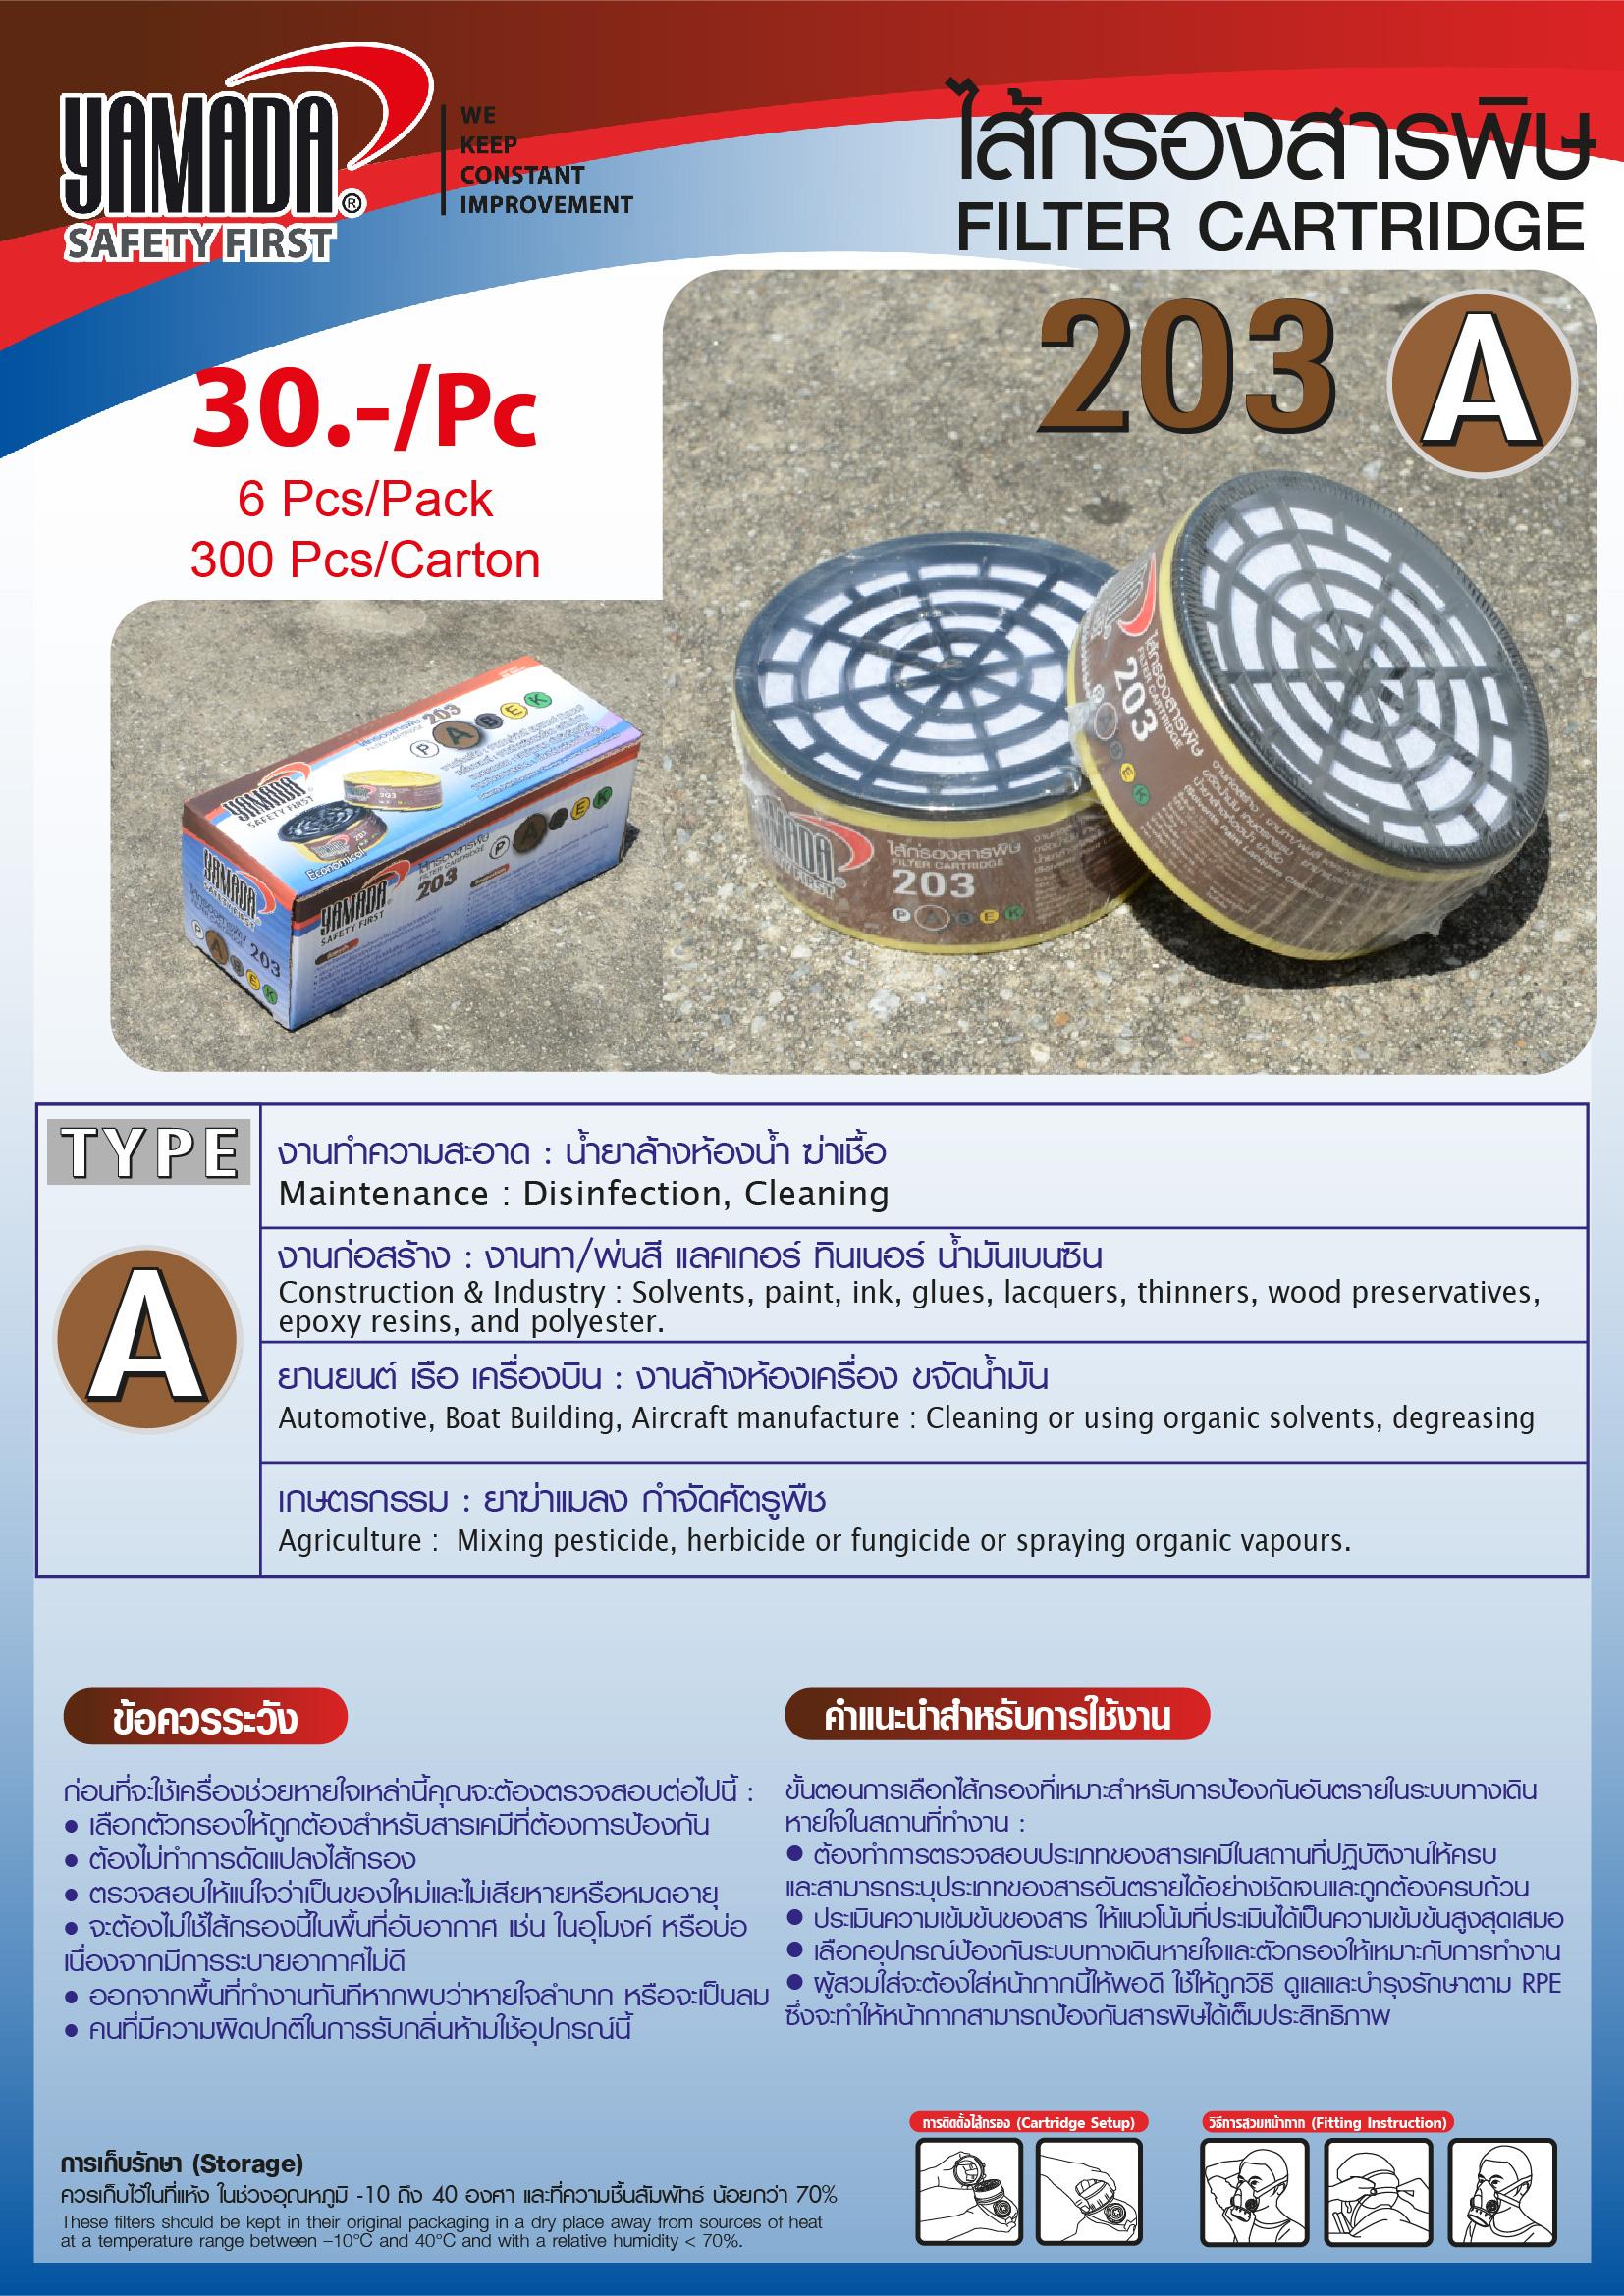 (58/271) ไส้กรองสารพิษ 203 TYPE A / Filter Cartridge